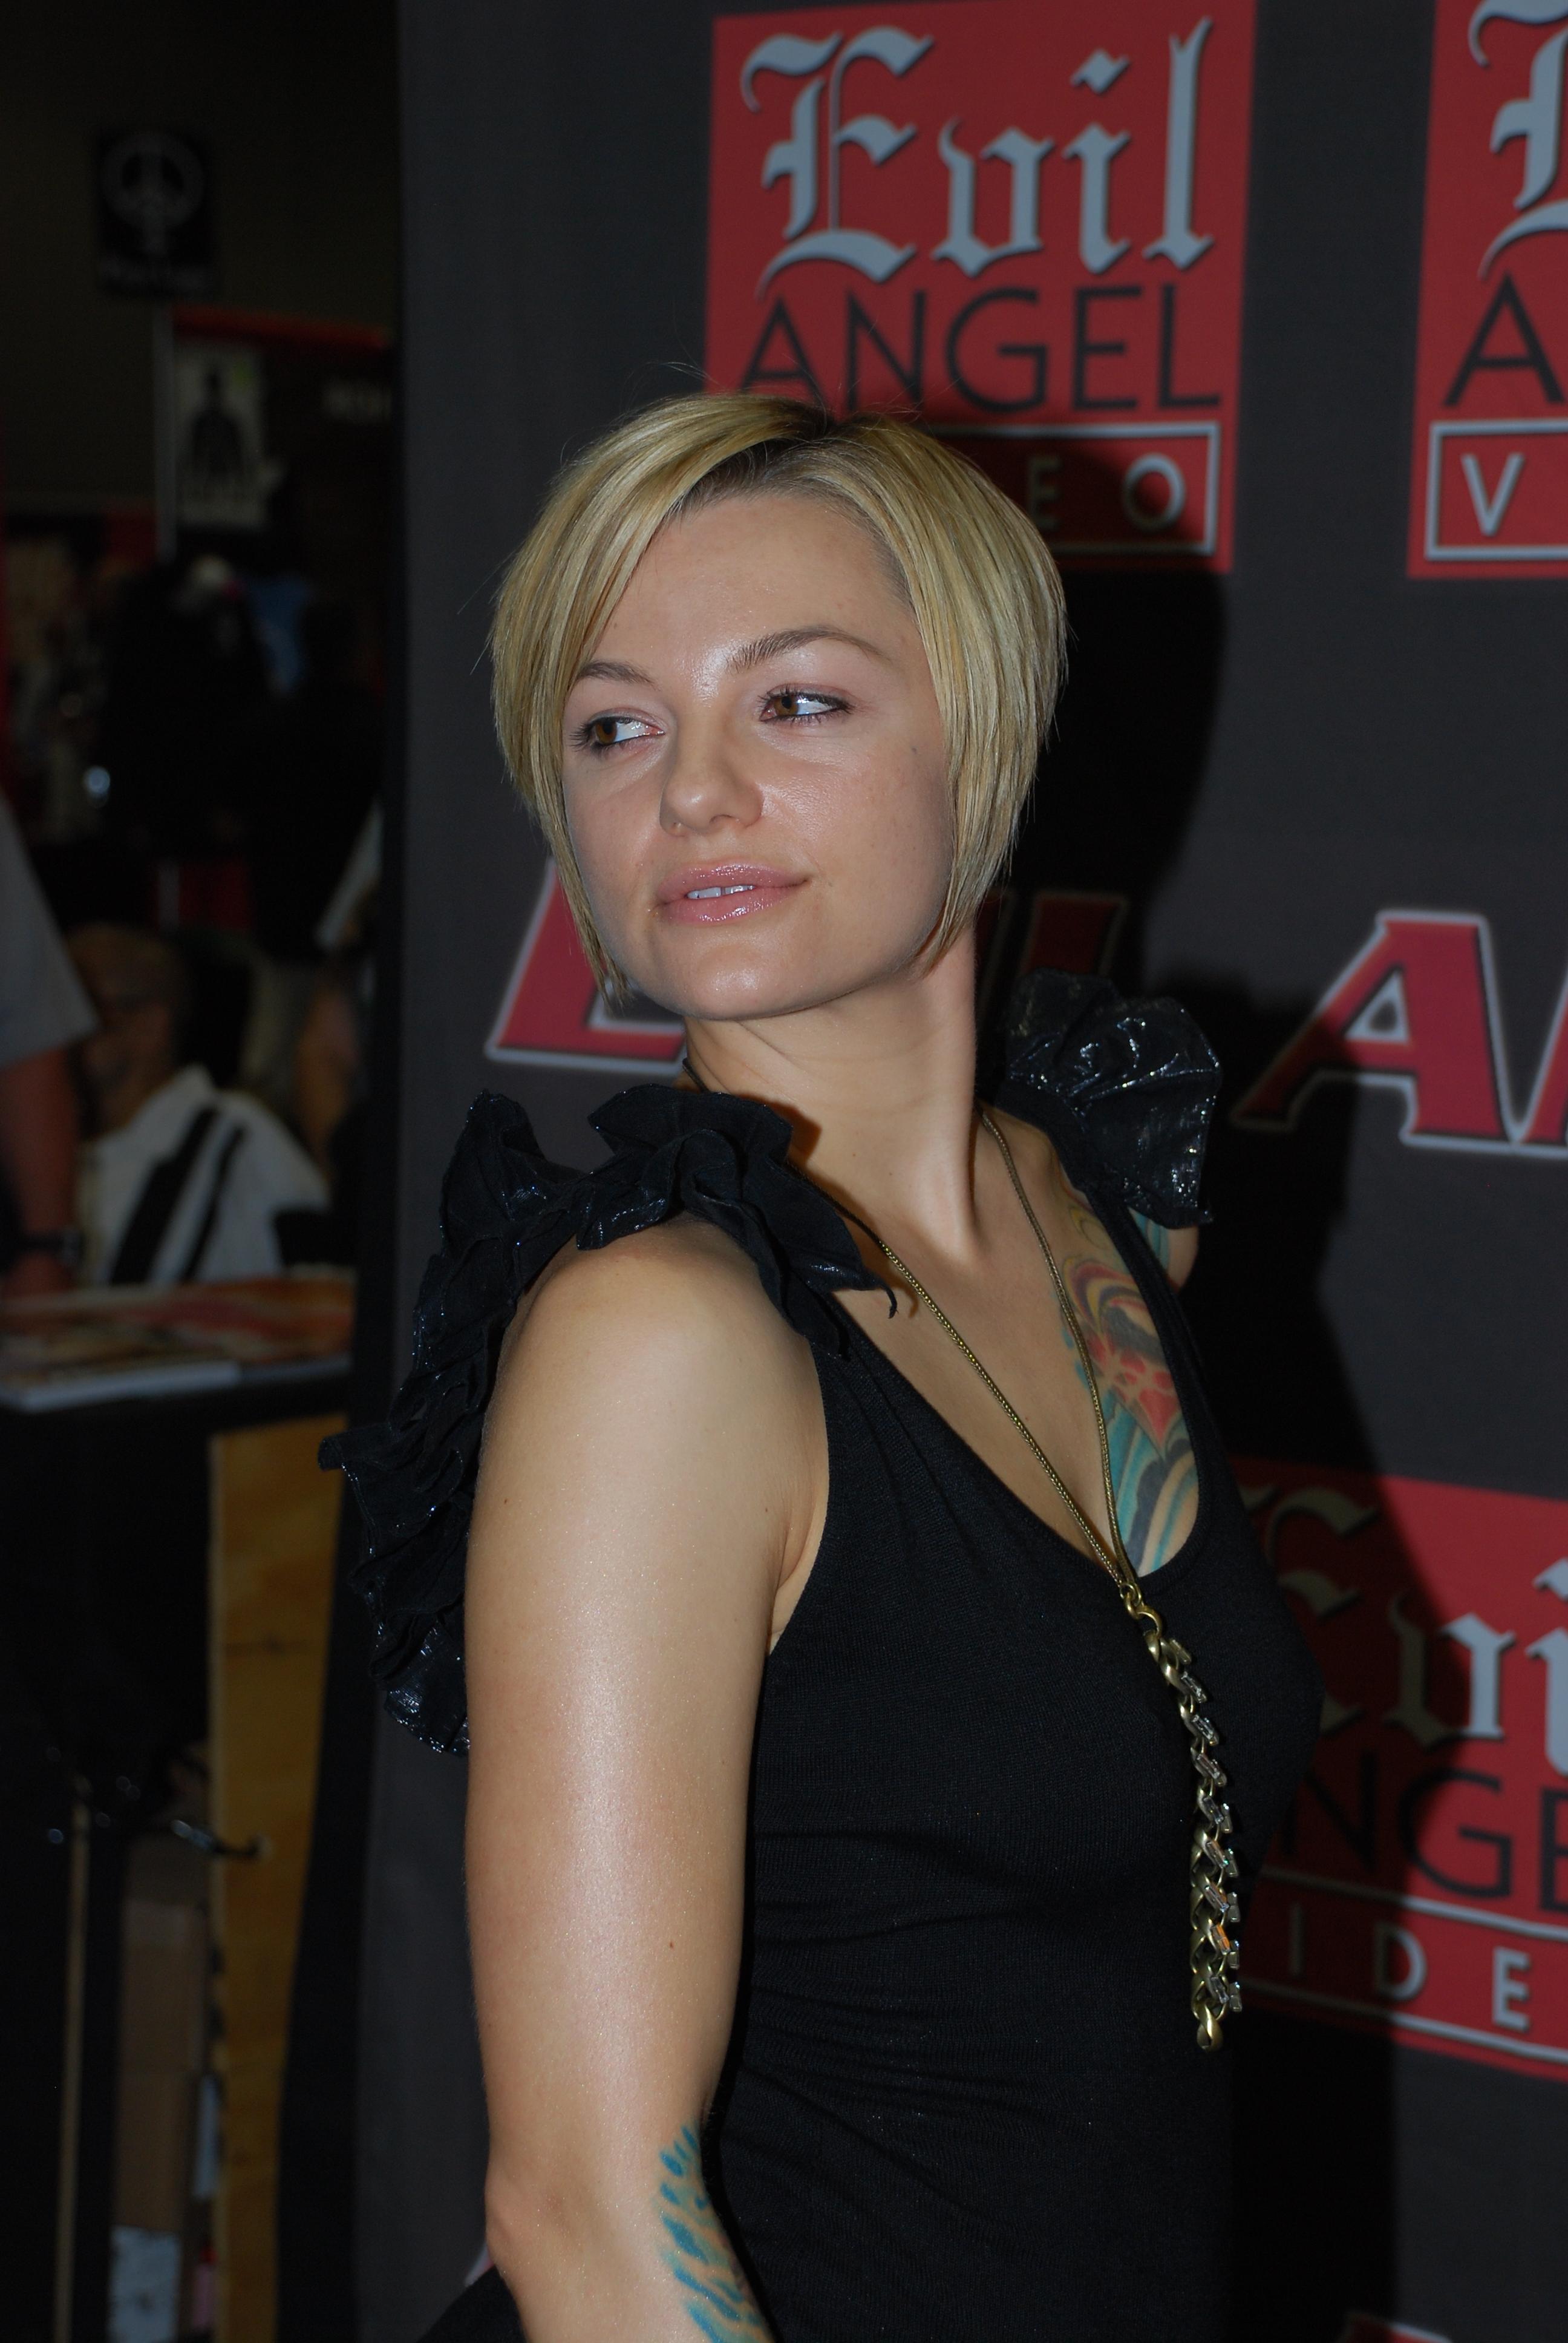 фото актрисы белладонна поижимаймя